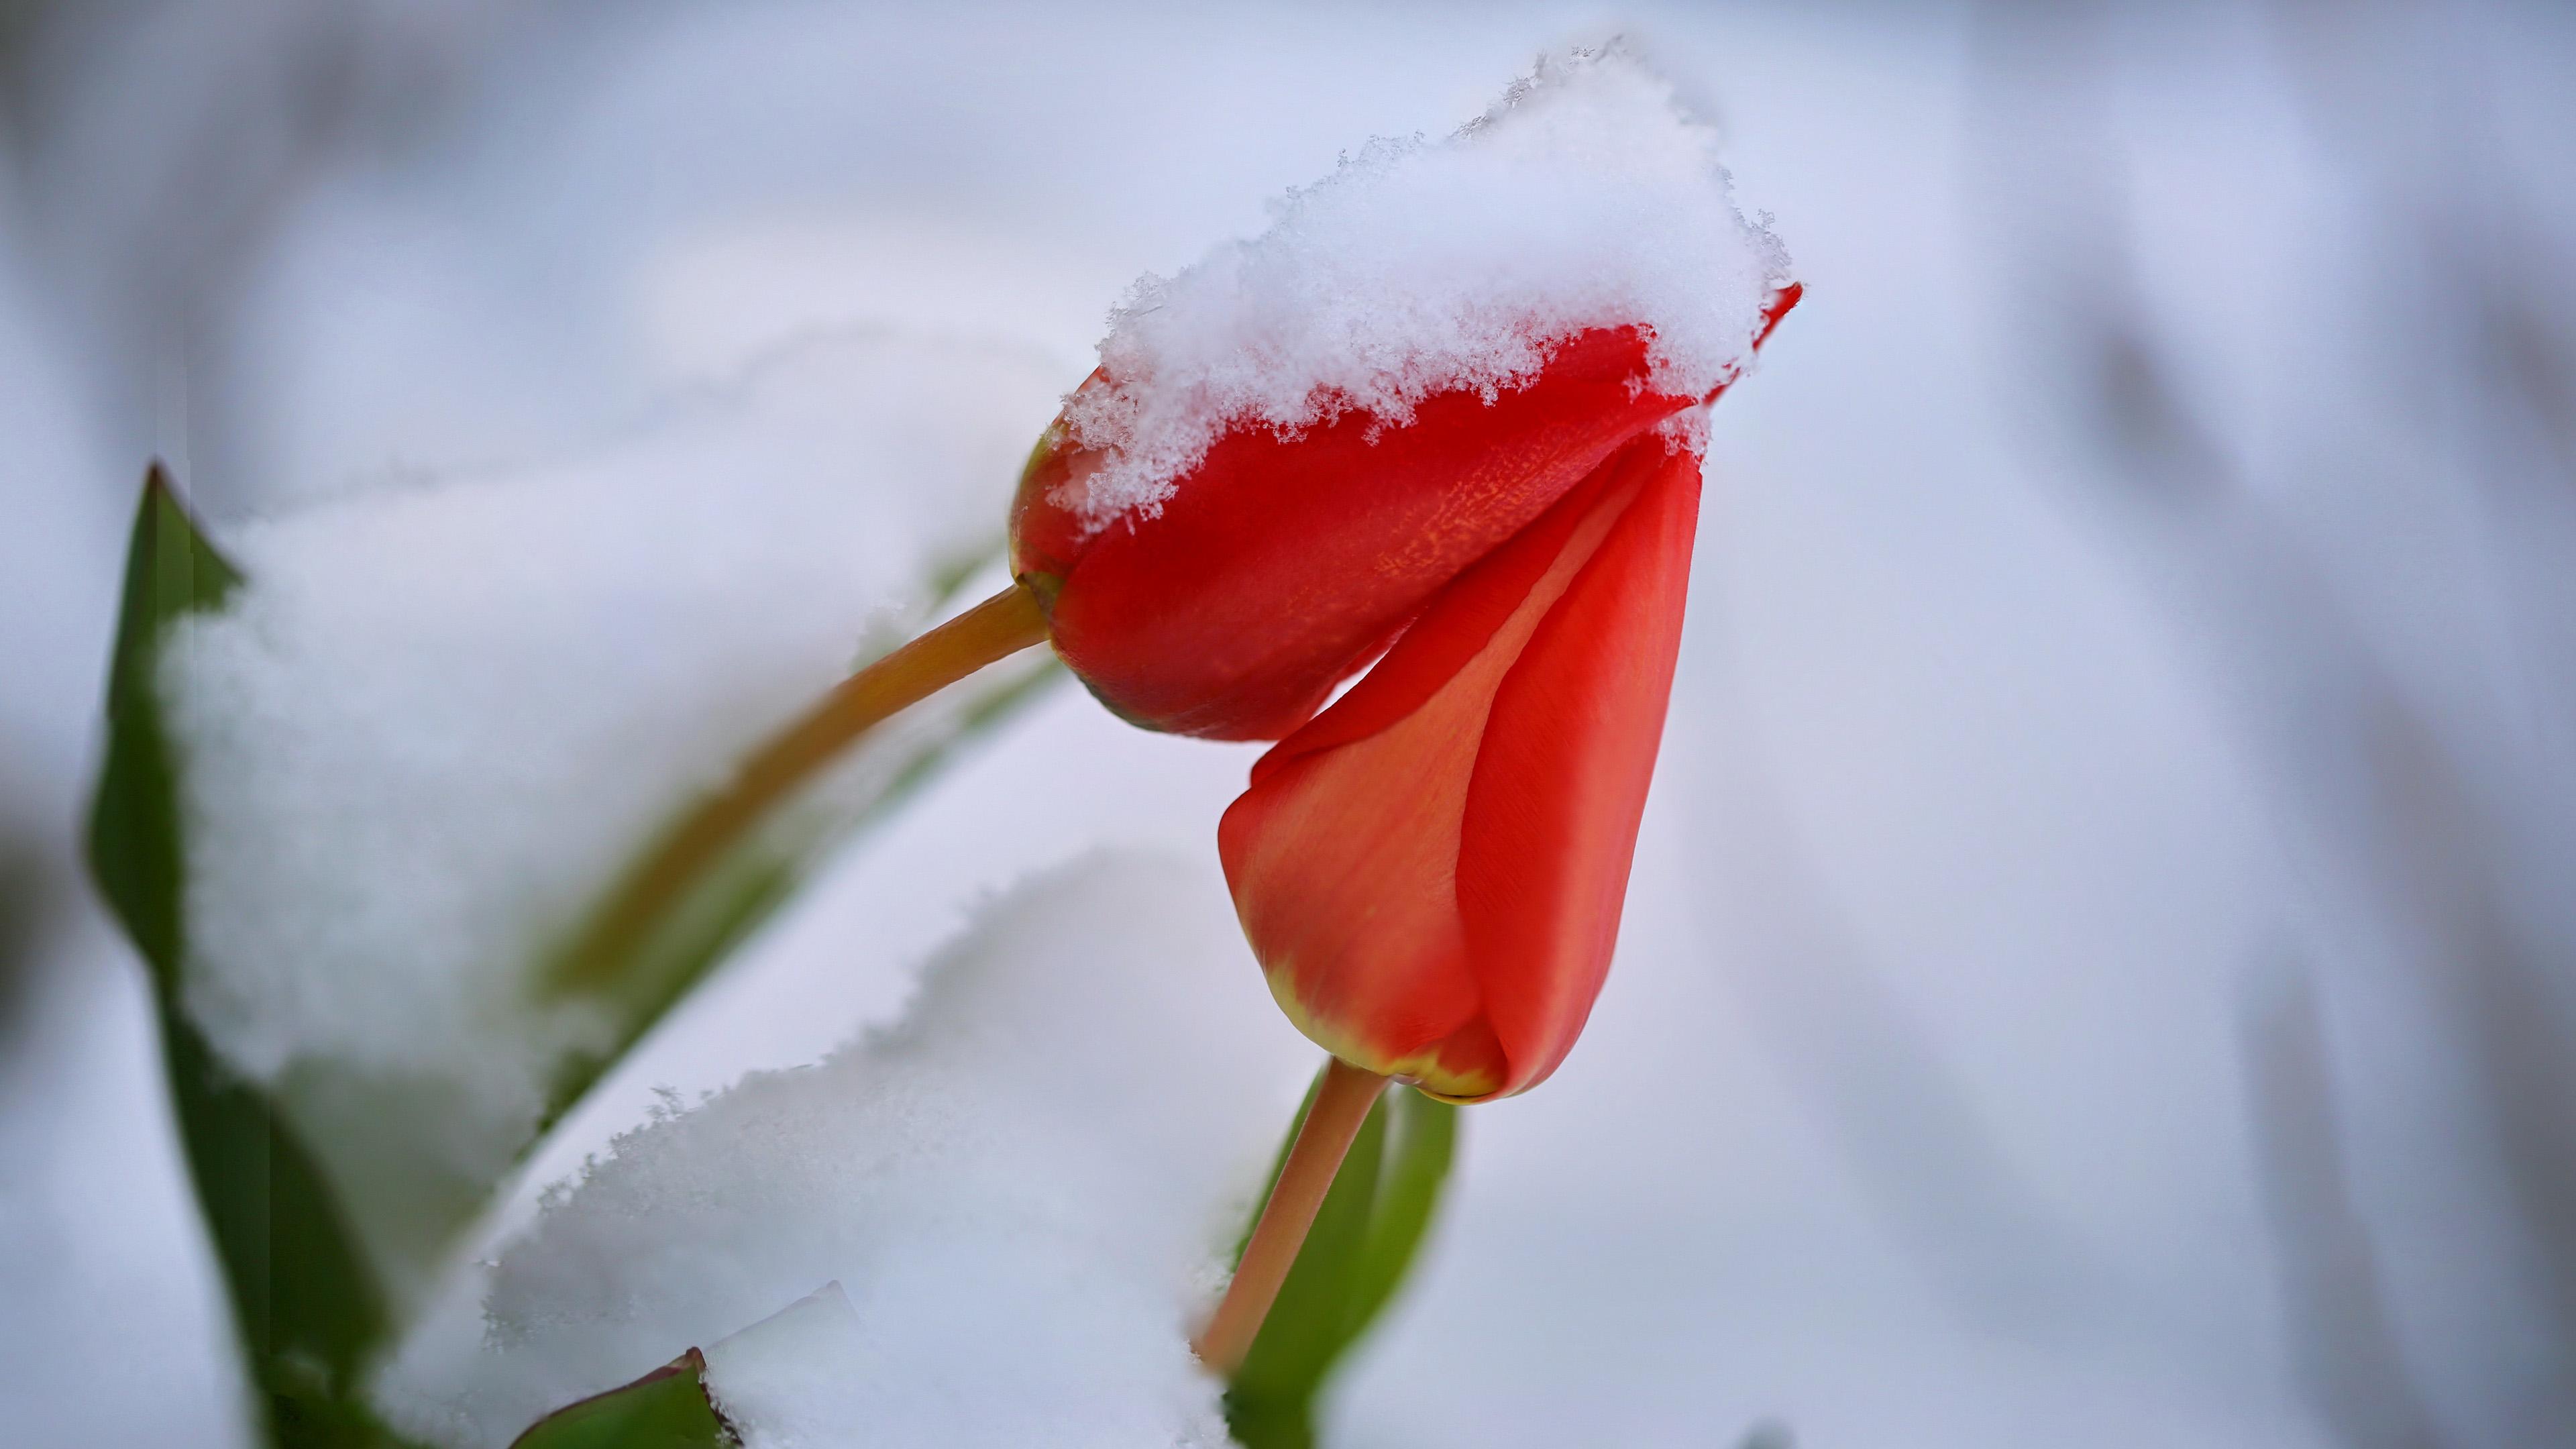 风景大片,娇艳欲滴,郁金香,冰雪,傲雪